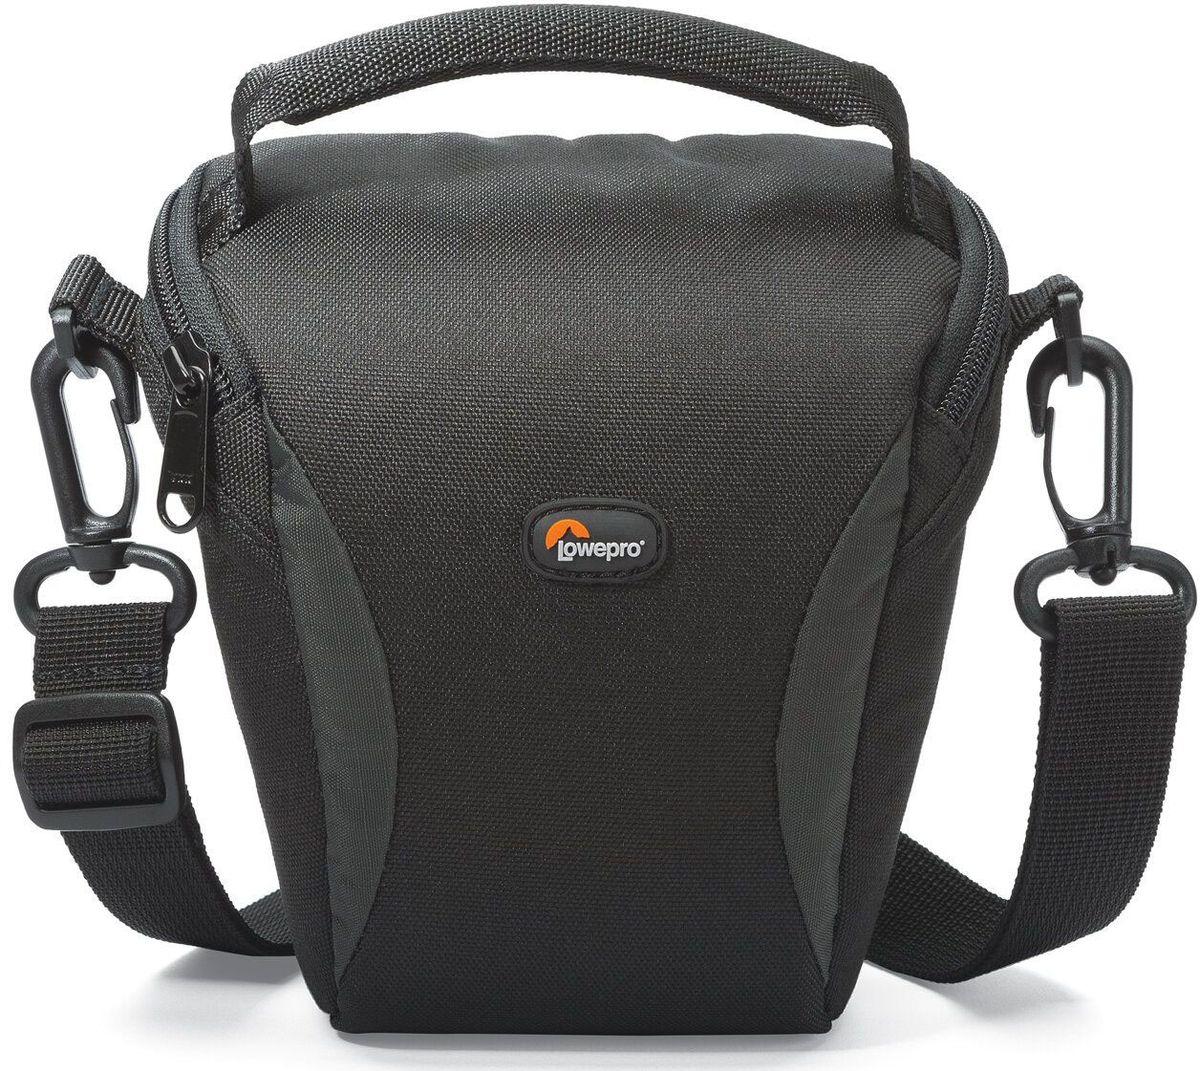 Lowepro Format TLZ 10, Black сумка для фотокамерыLP36620-0RUЛегкие современные сумки серии Format отлично подойдут для фотографов, которым нужна стильная, компактная и надежная защита своего оборудования. Прочный материал, стойкий к любым атмосферным условиям, обеспечит долгий срок службы сумки и надежную защиту камеры.